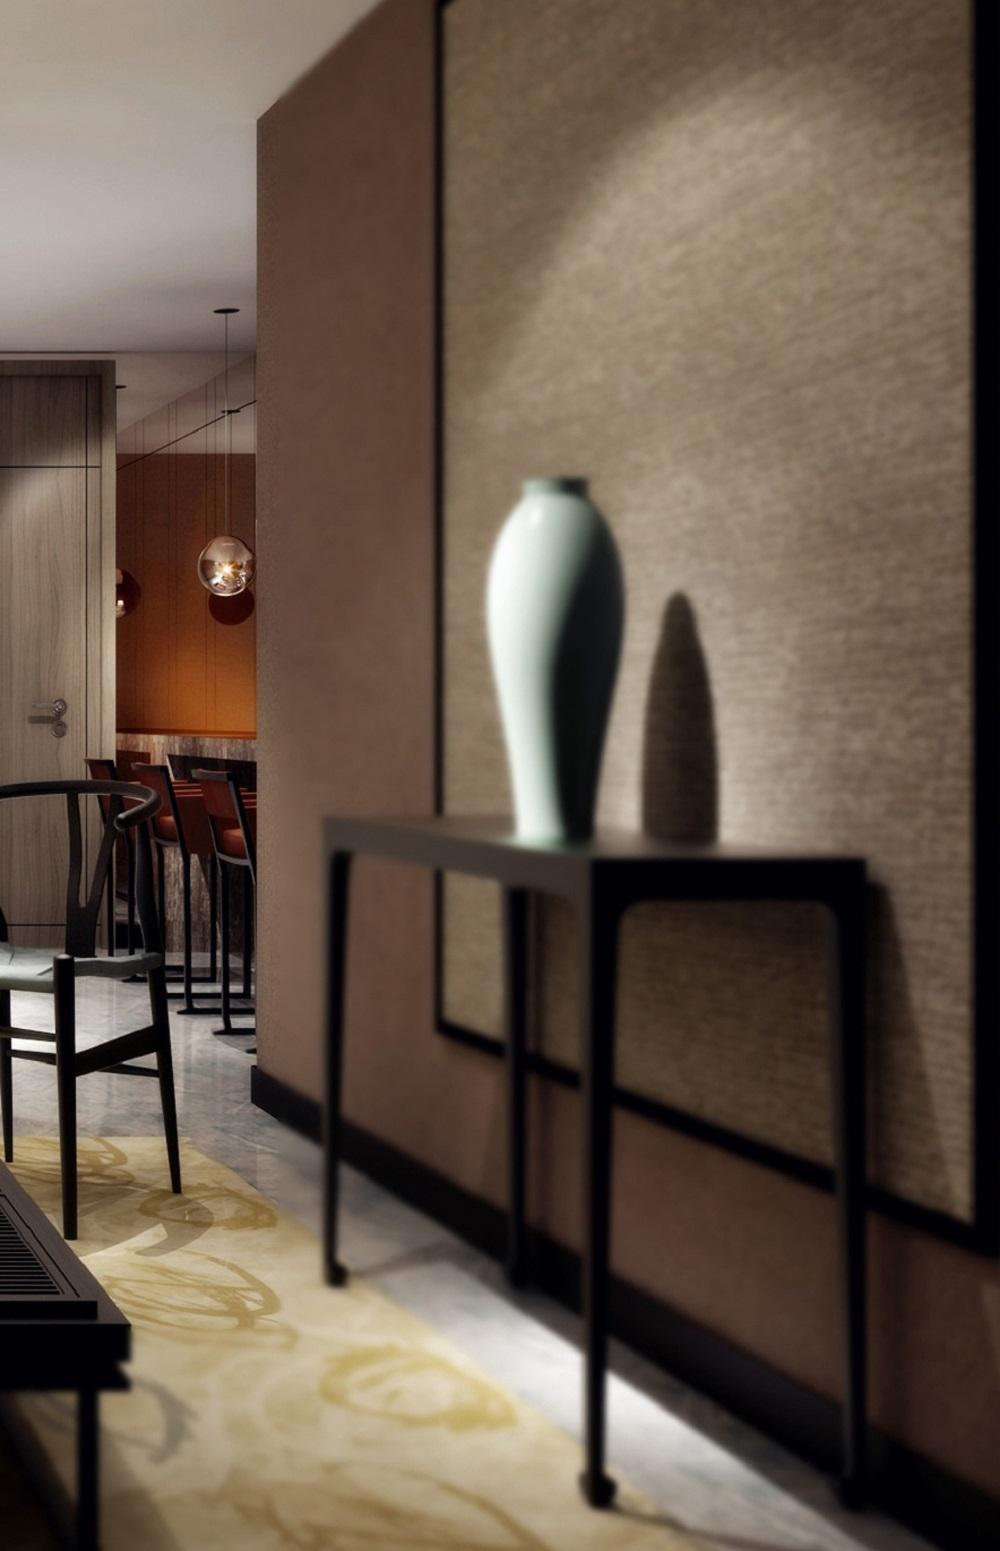 中式风装修边桌装饰摆件